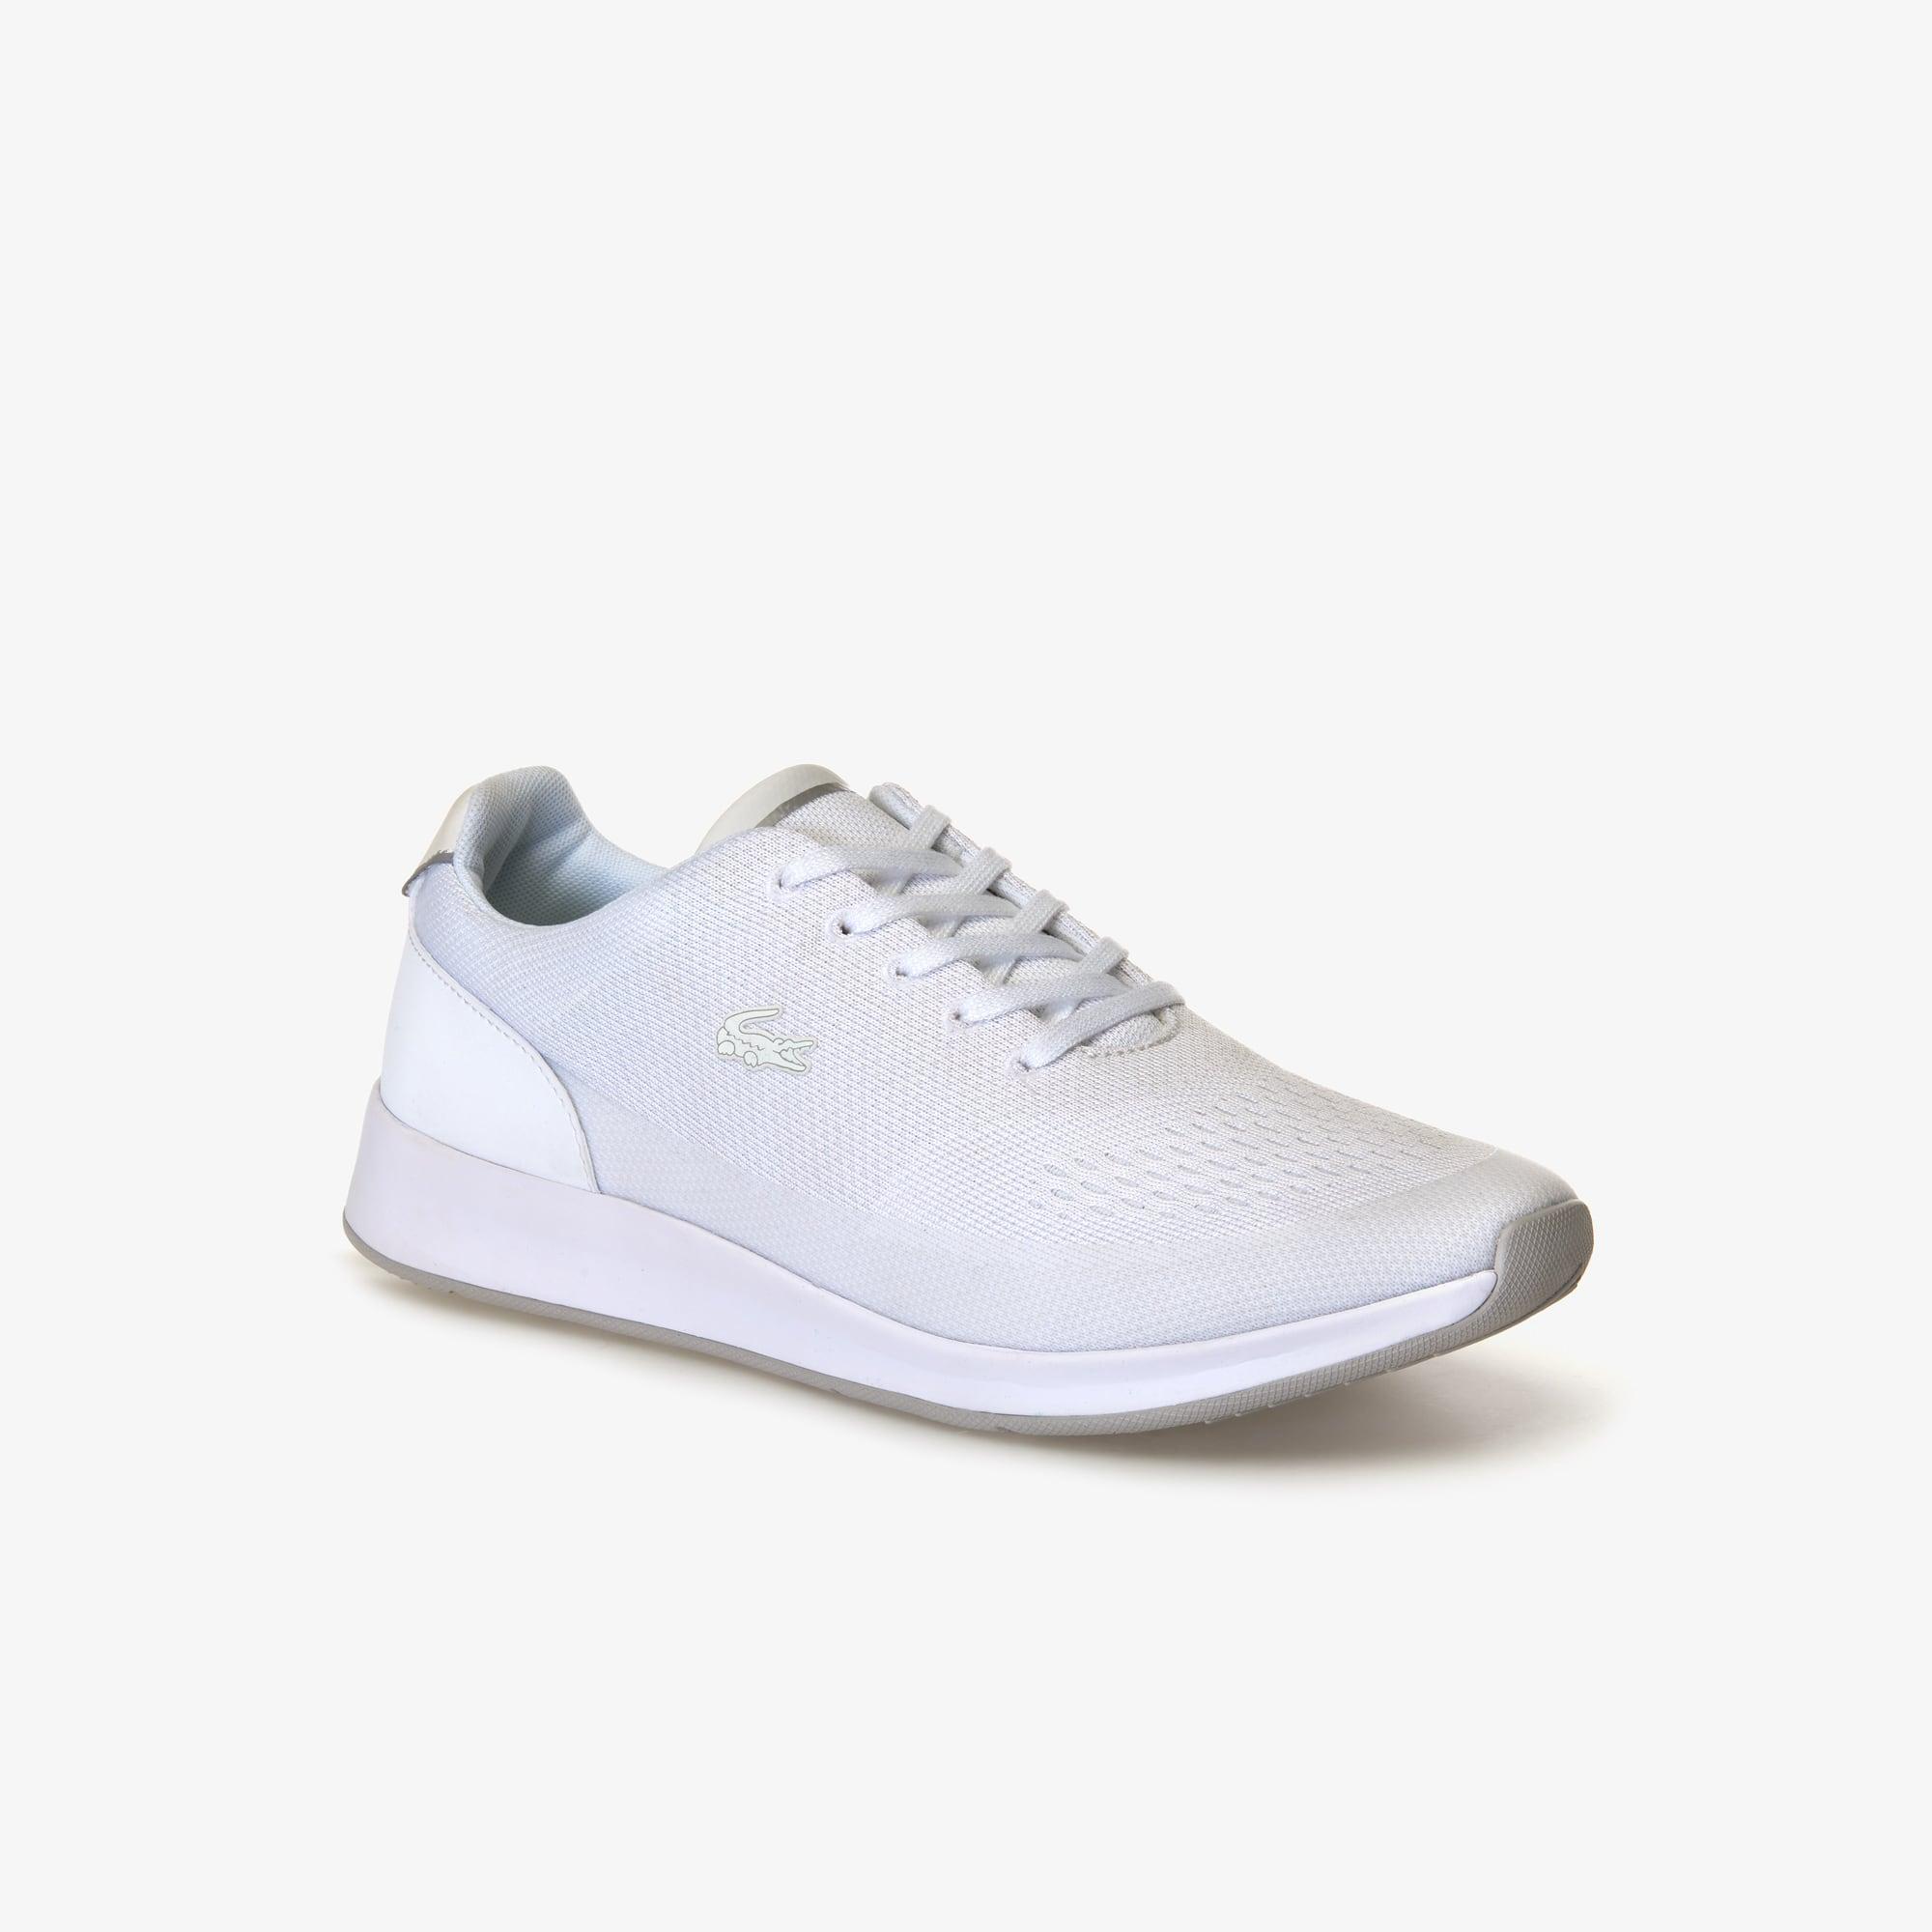 d4eb4fbd520dd Calçados femininos Lacoste  Botas, Tênis e Sneakers   LACOSTE